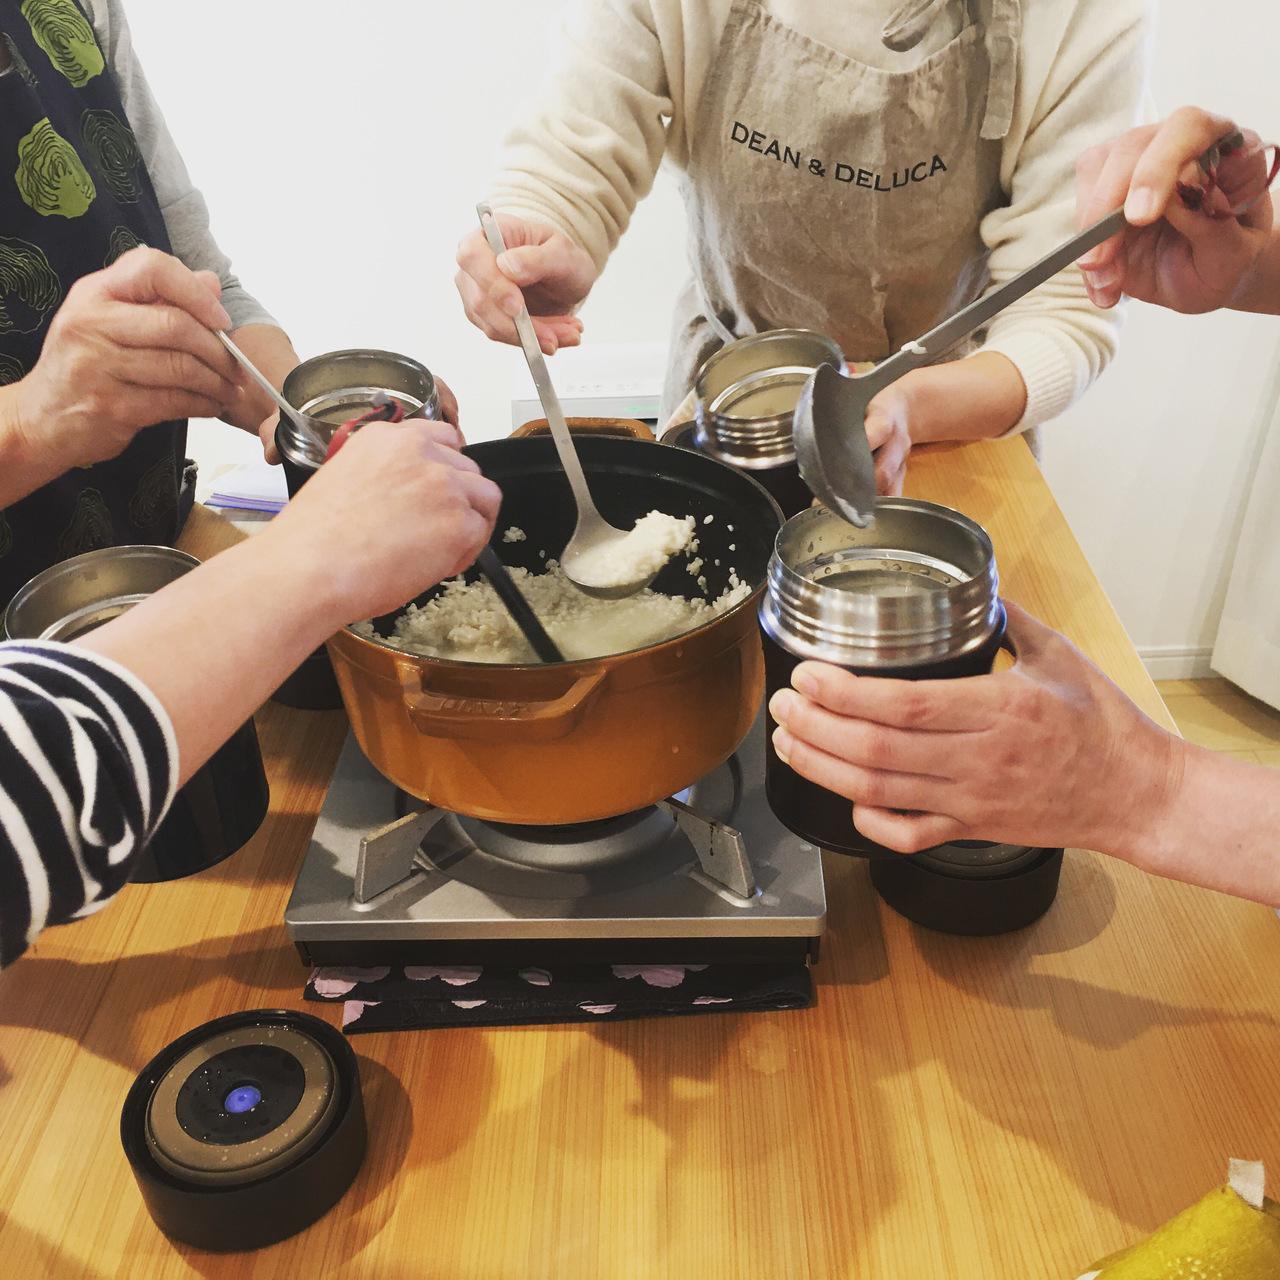 【兵庫県加古川市2020年開催】毎日飲むだけで人生が変わる「水筒で作る甘酒」体験レッスン